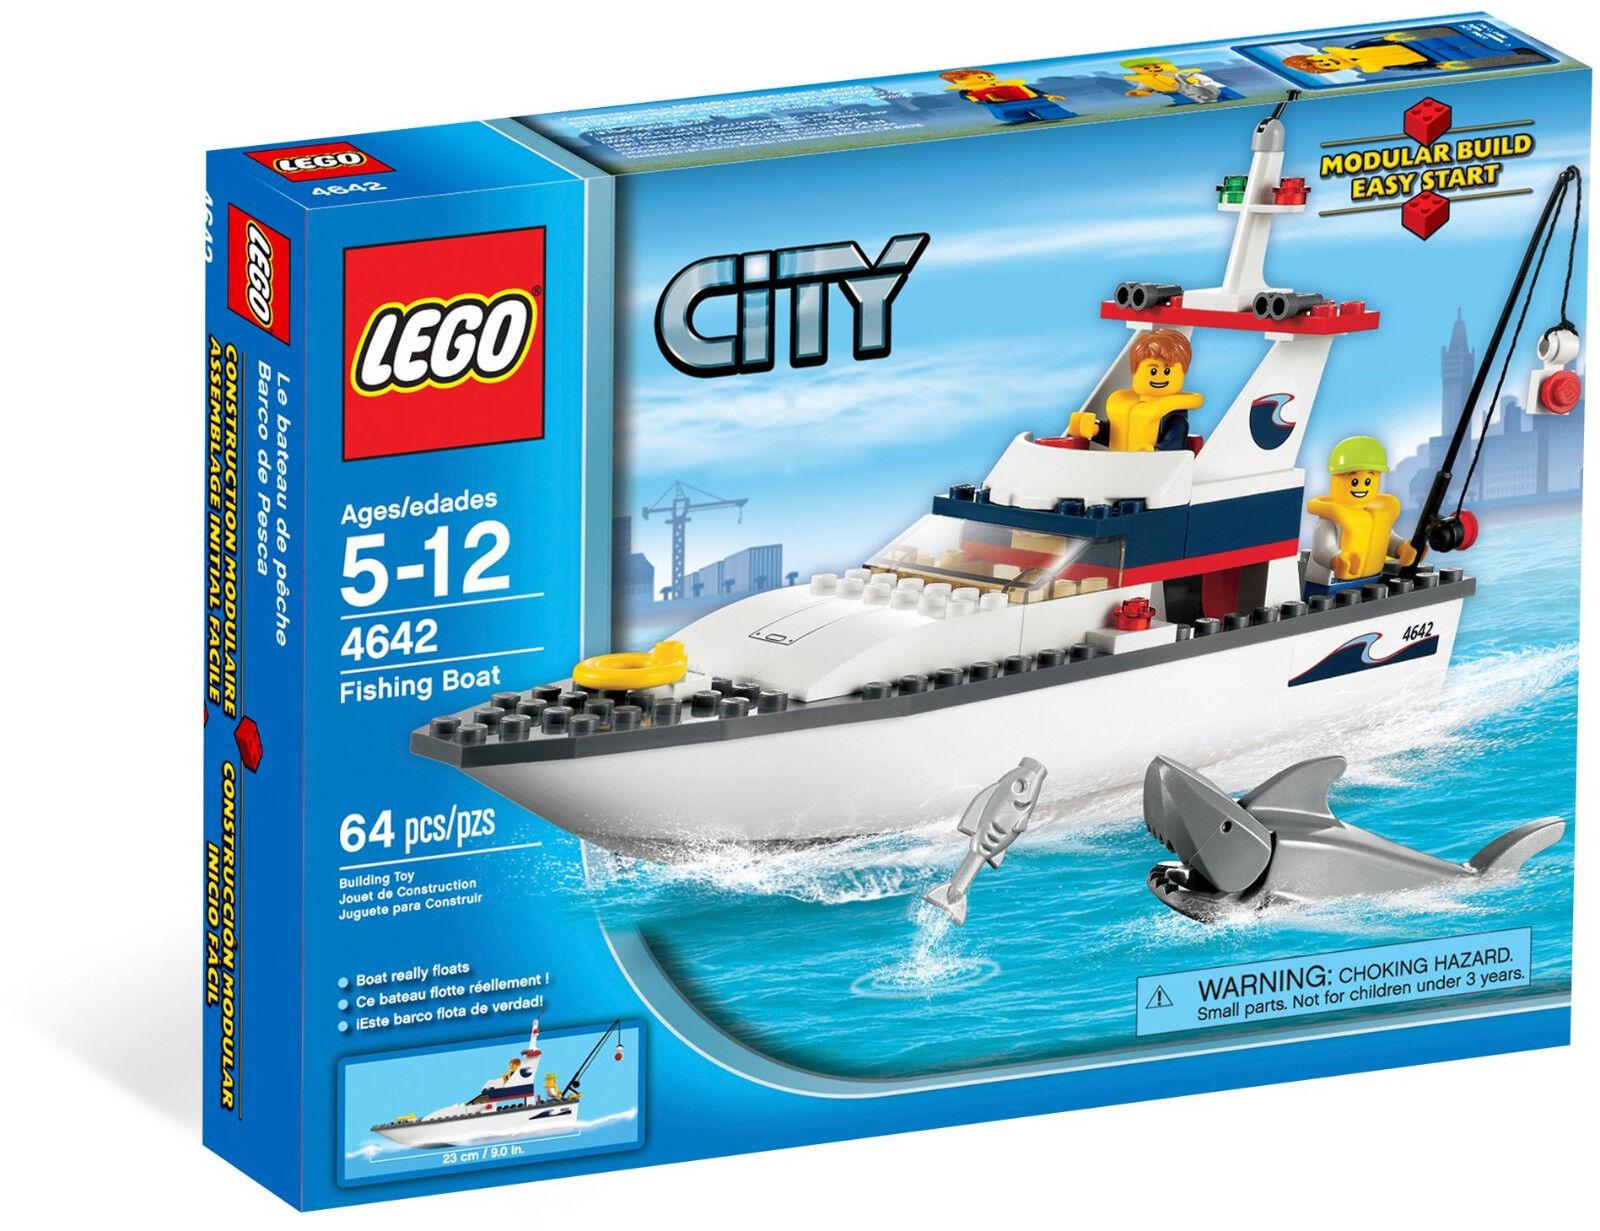 Lego City - 4642 Fishing Fishing Fishing Boat Bateau de pêche YACHT-NOUVEAU & NEUF dans sa boîte 7525cd